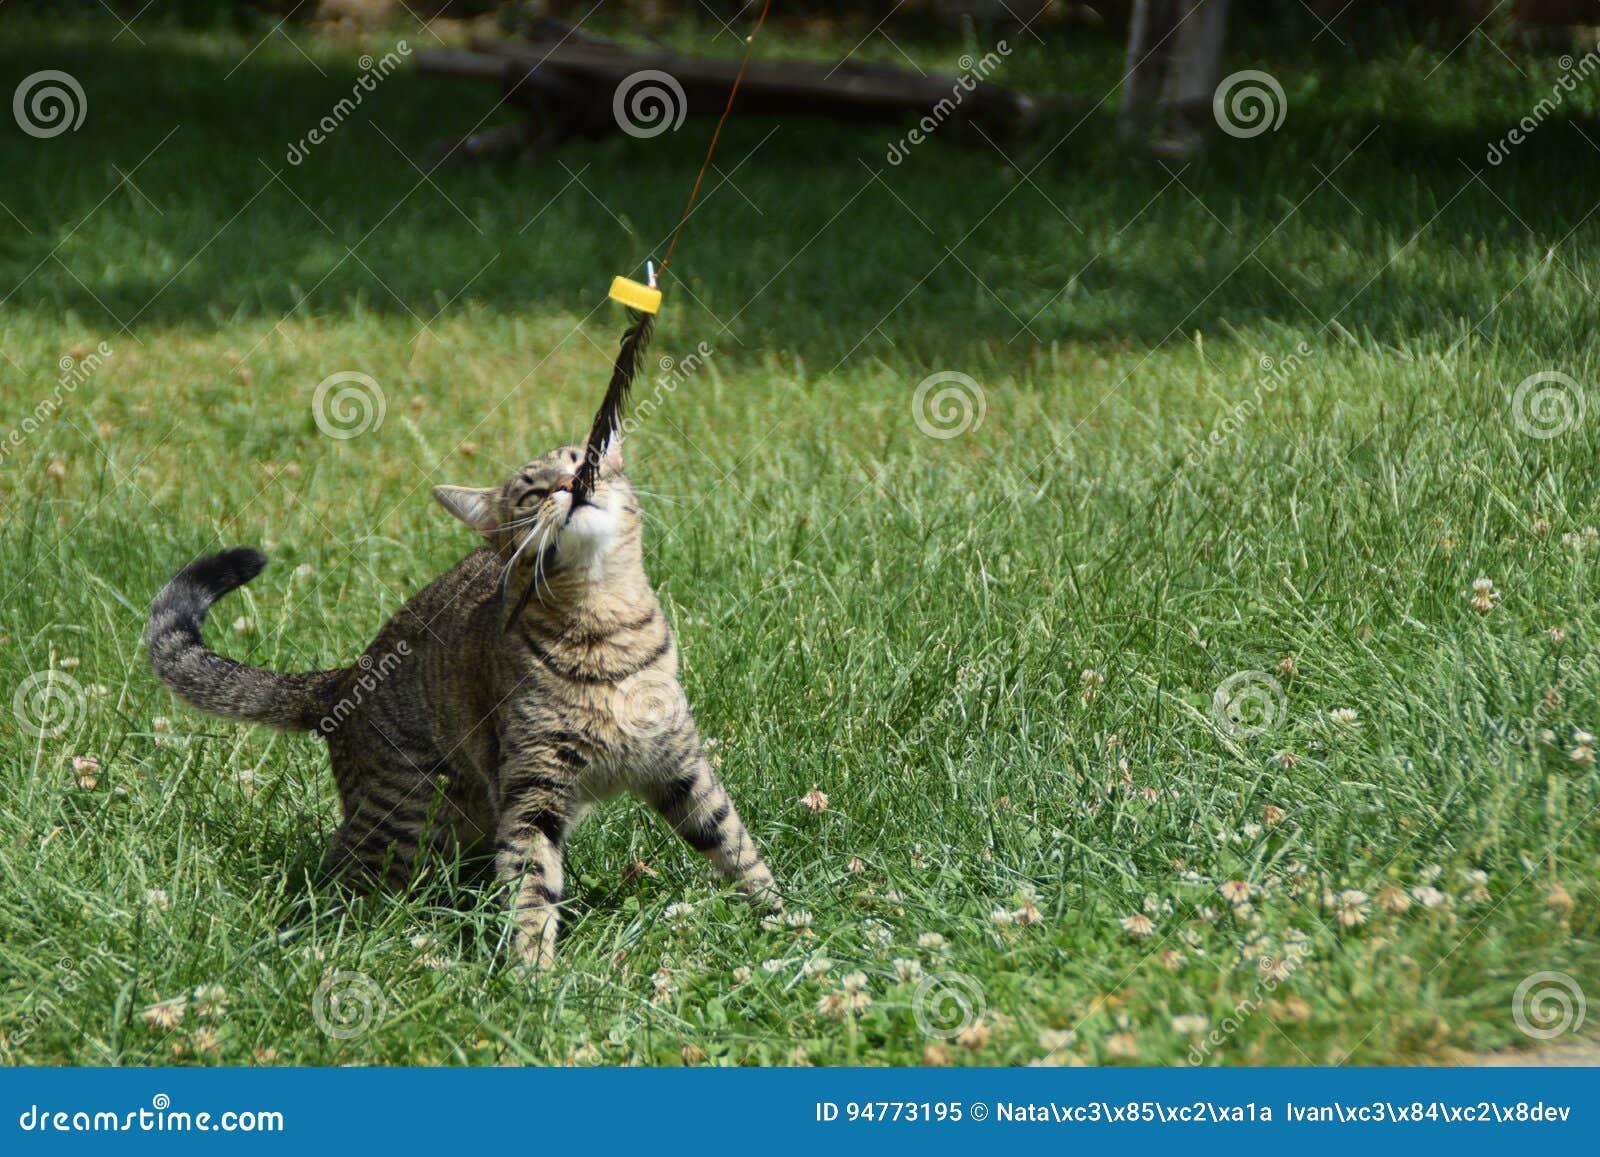 El gato está jugando con una pluma en la yarda